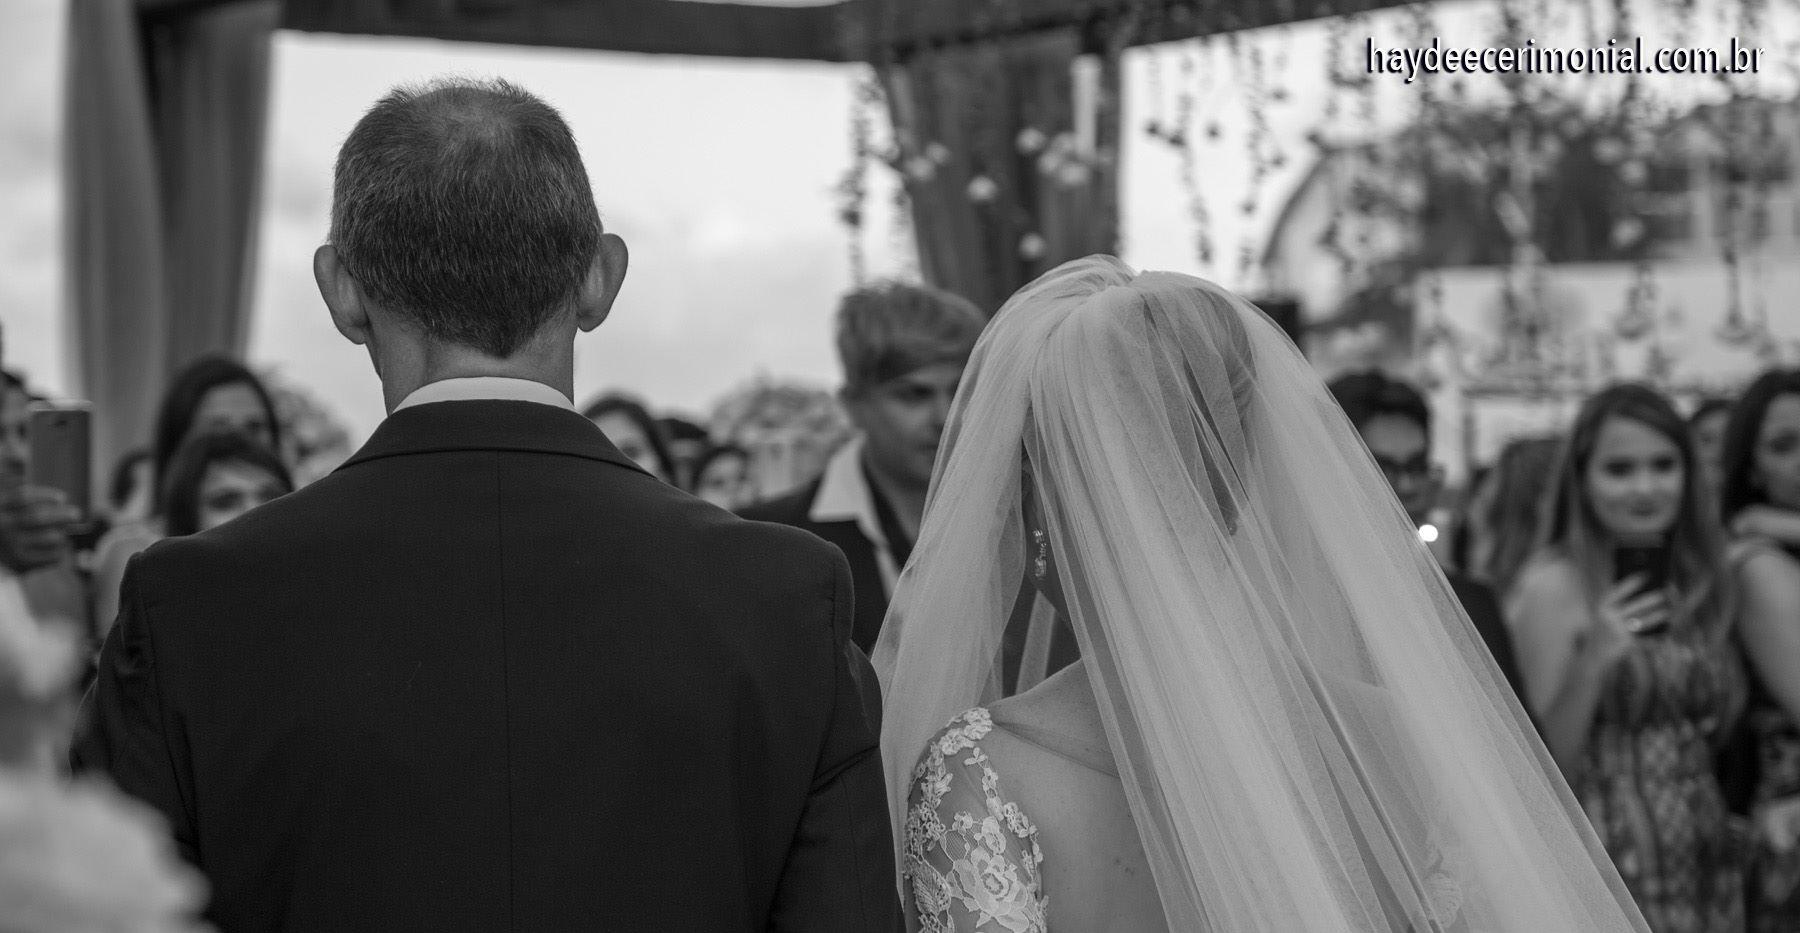 Casamento-Haydee-05